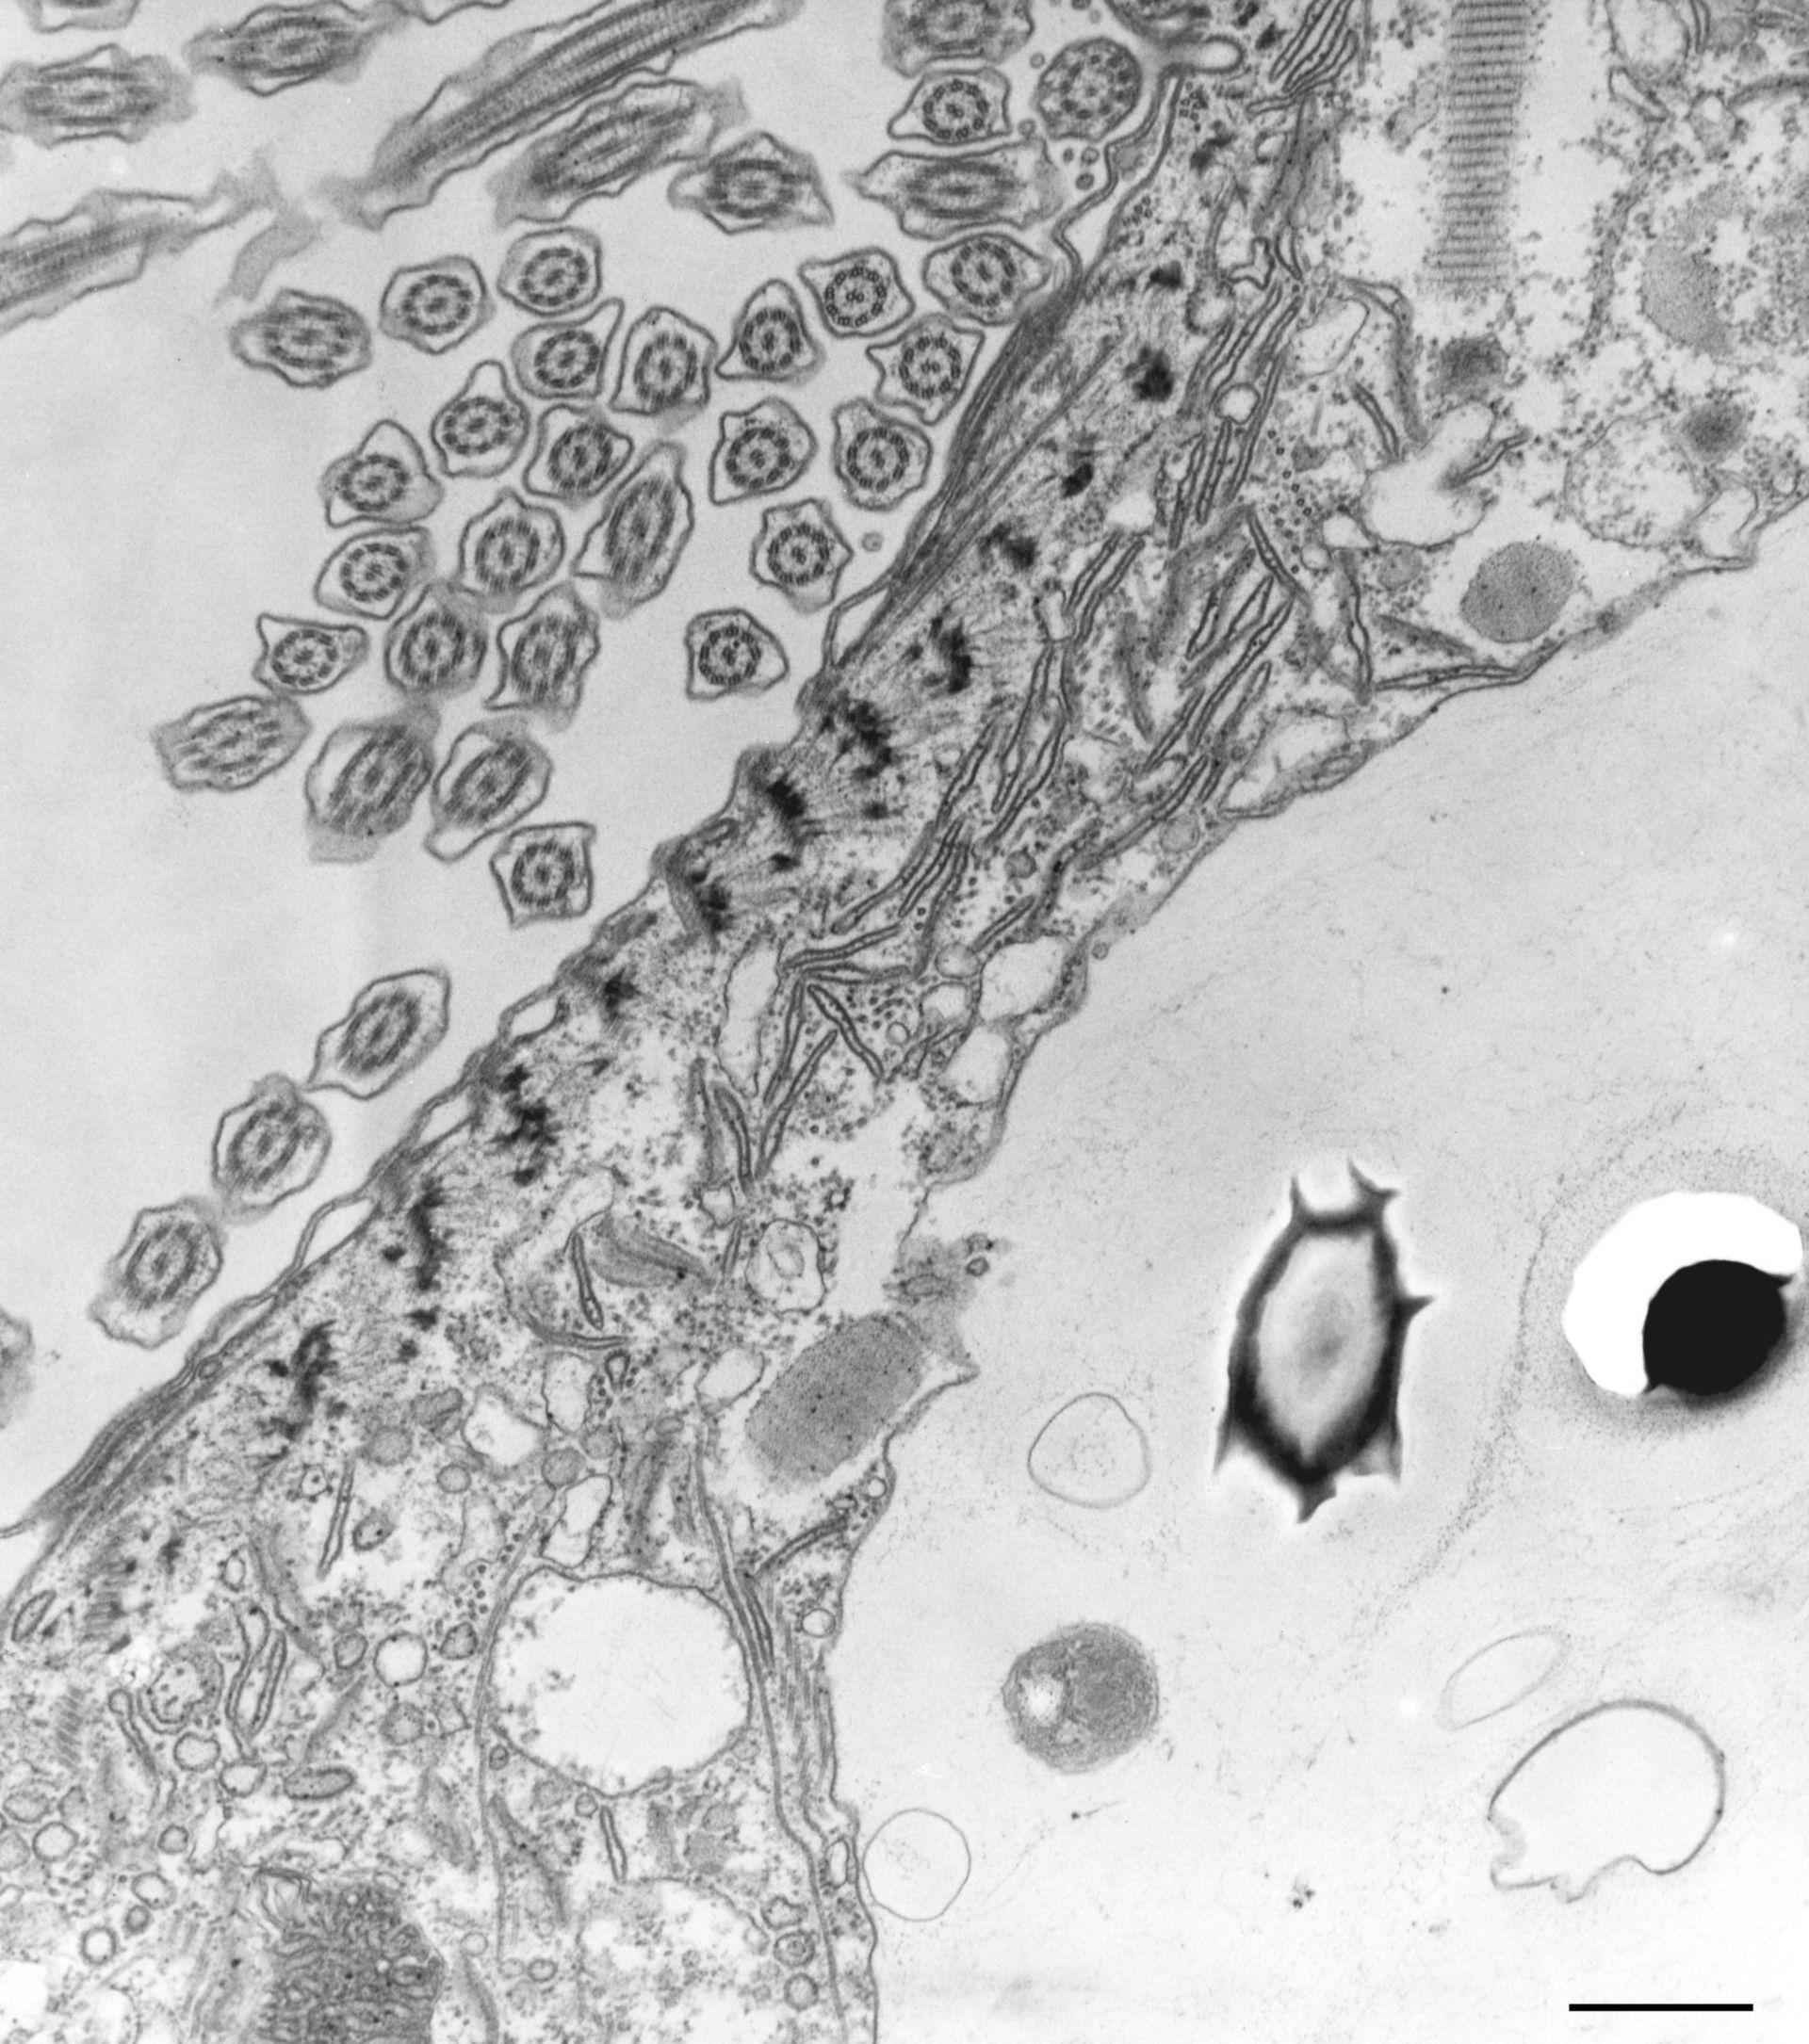 Paramecium caudatum (Endosome) - CIL:36789